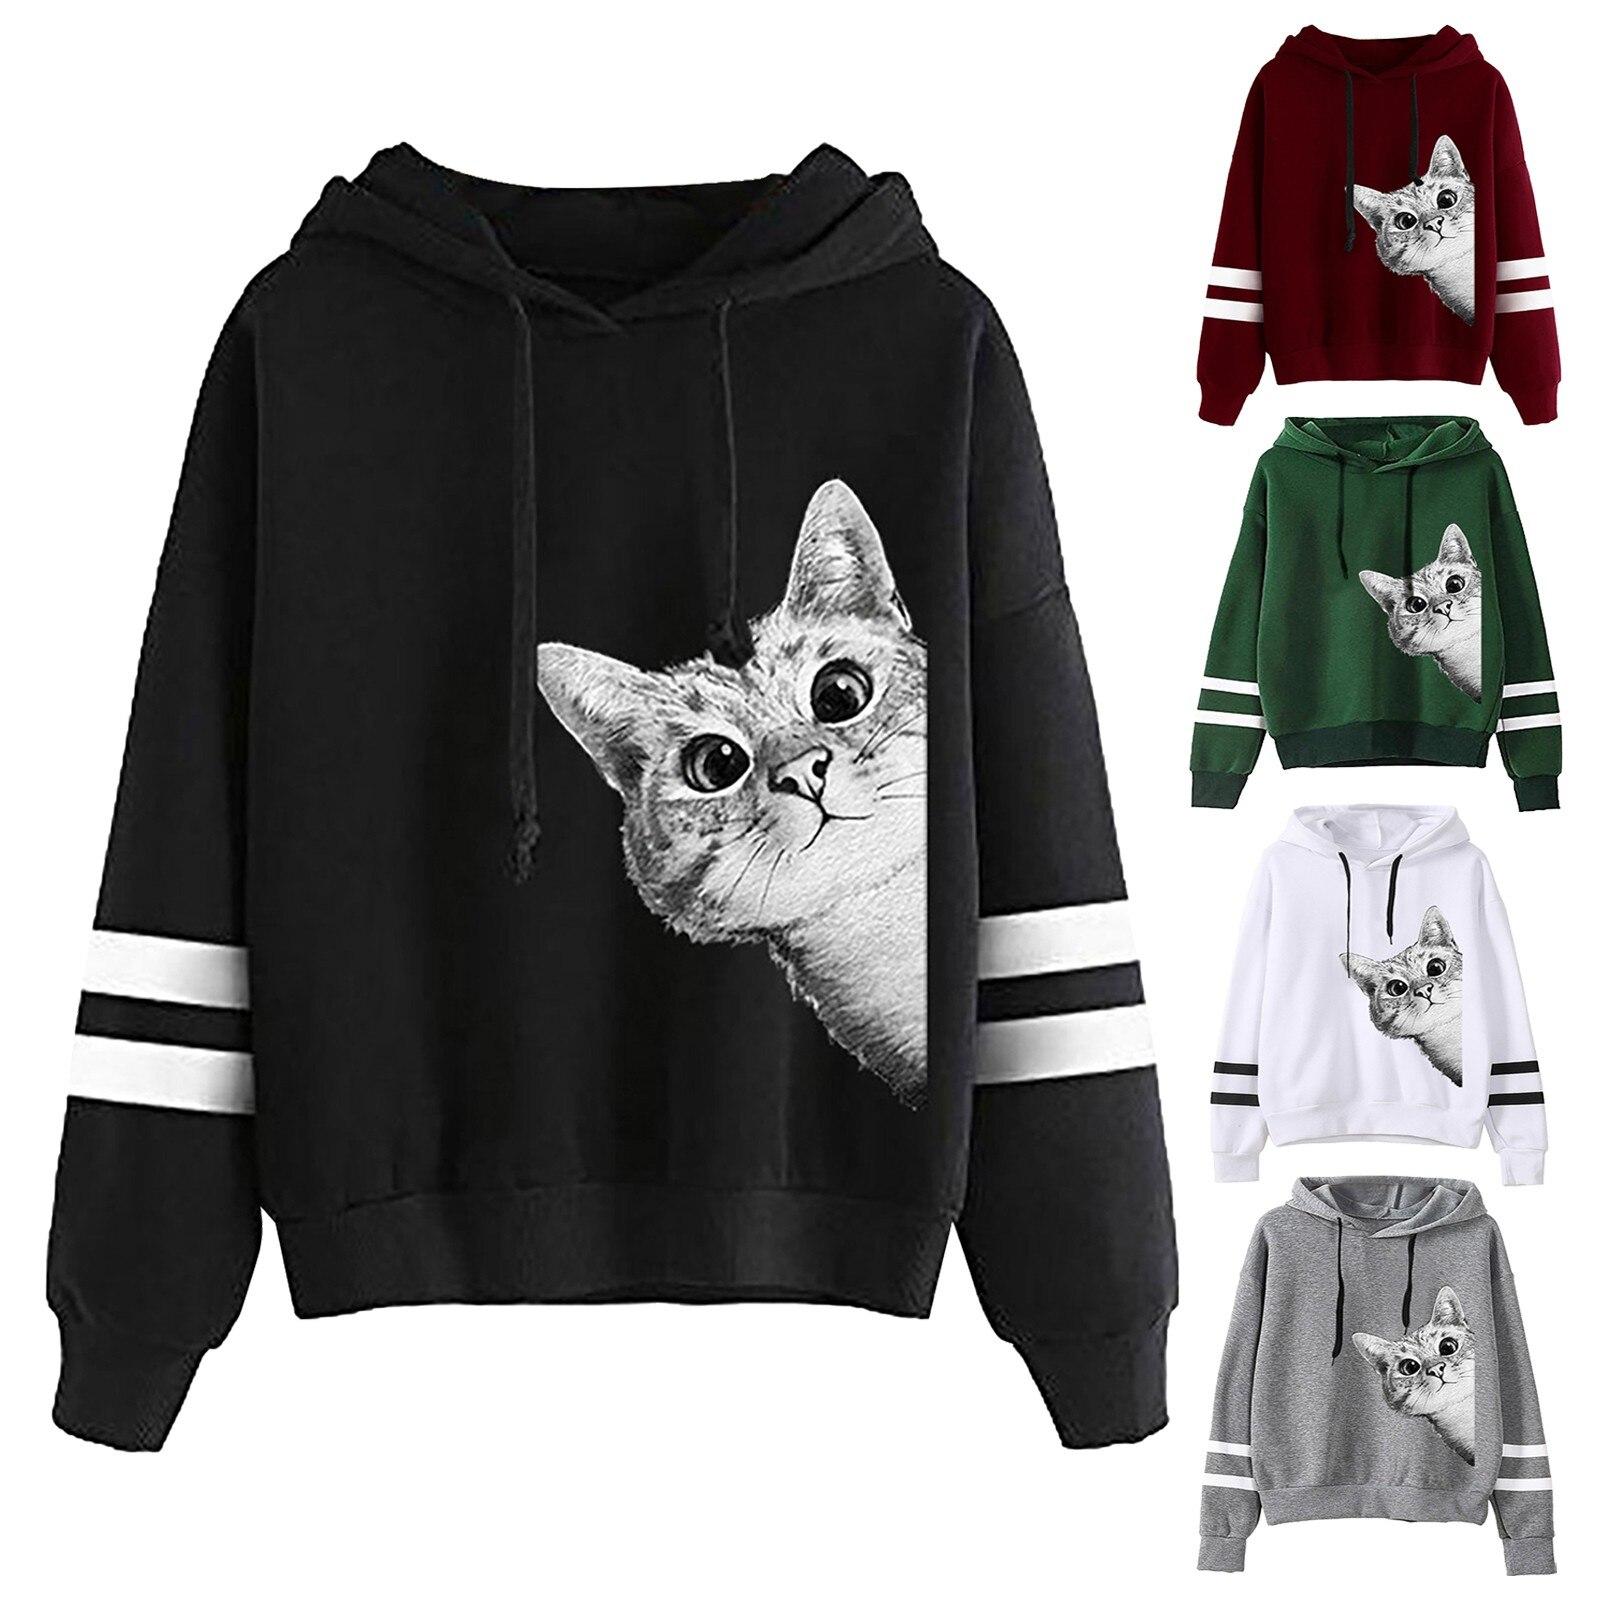 Милый кот печати Топы с длинным рукавом в полоску с принтом джемпер свитер с капюшоном пуловер Топы пот Femme уличная Толстовка Bluzy